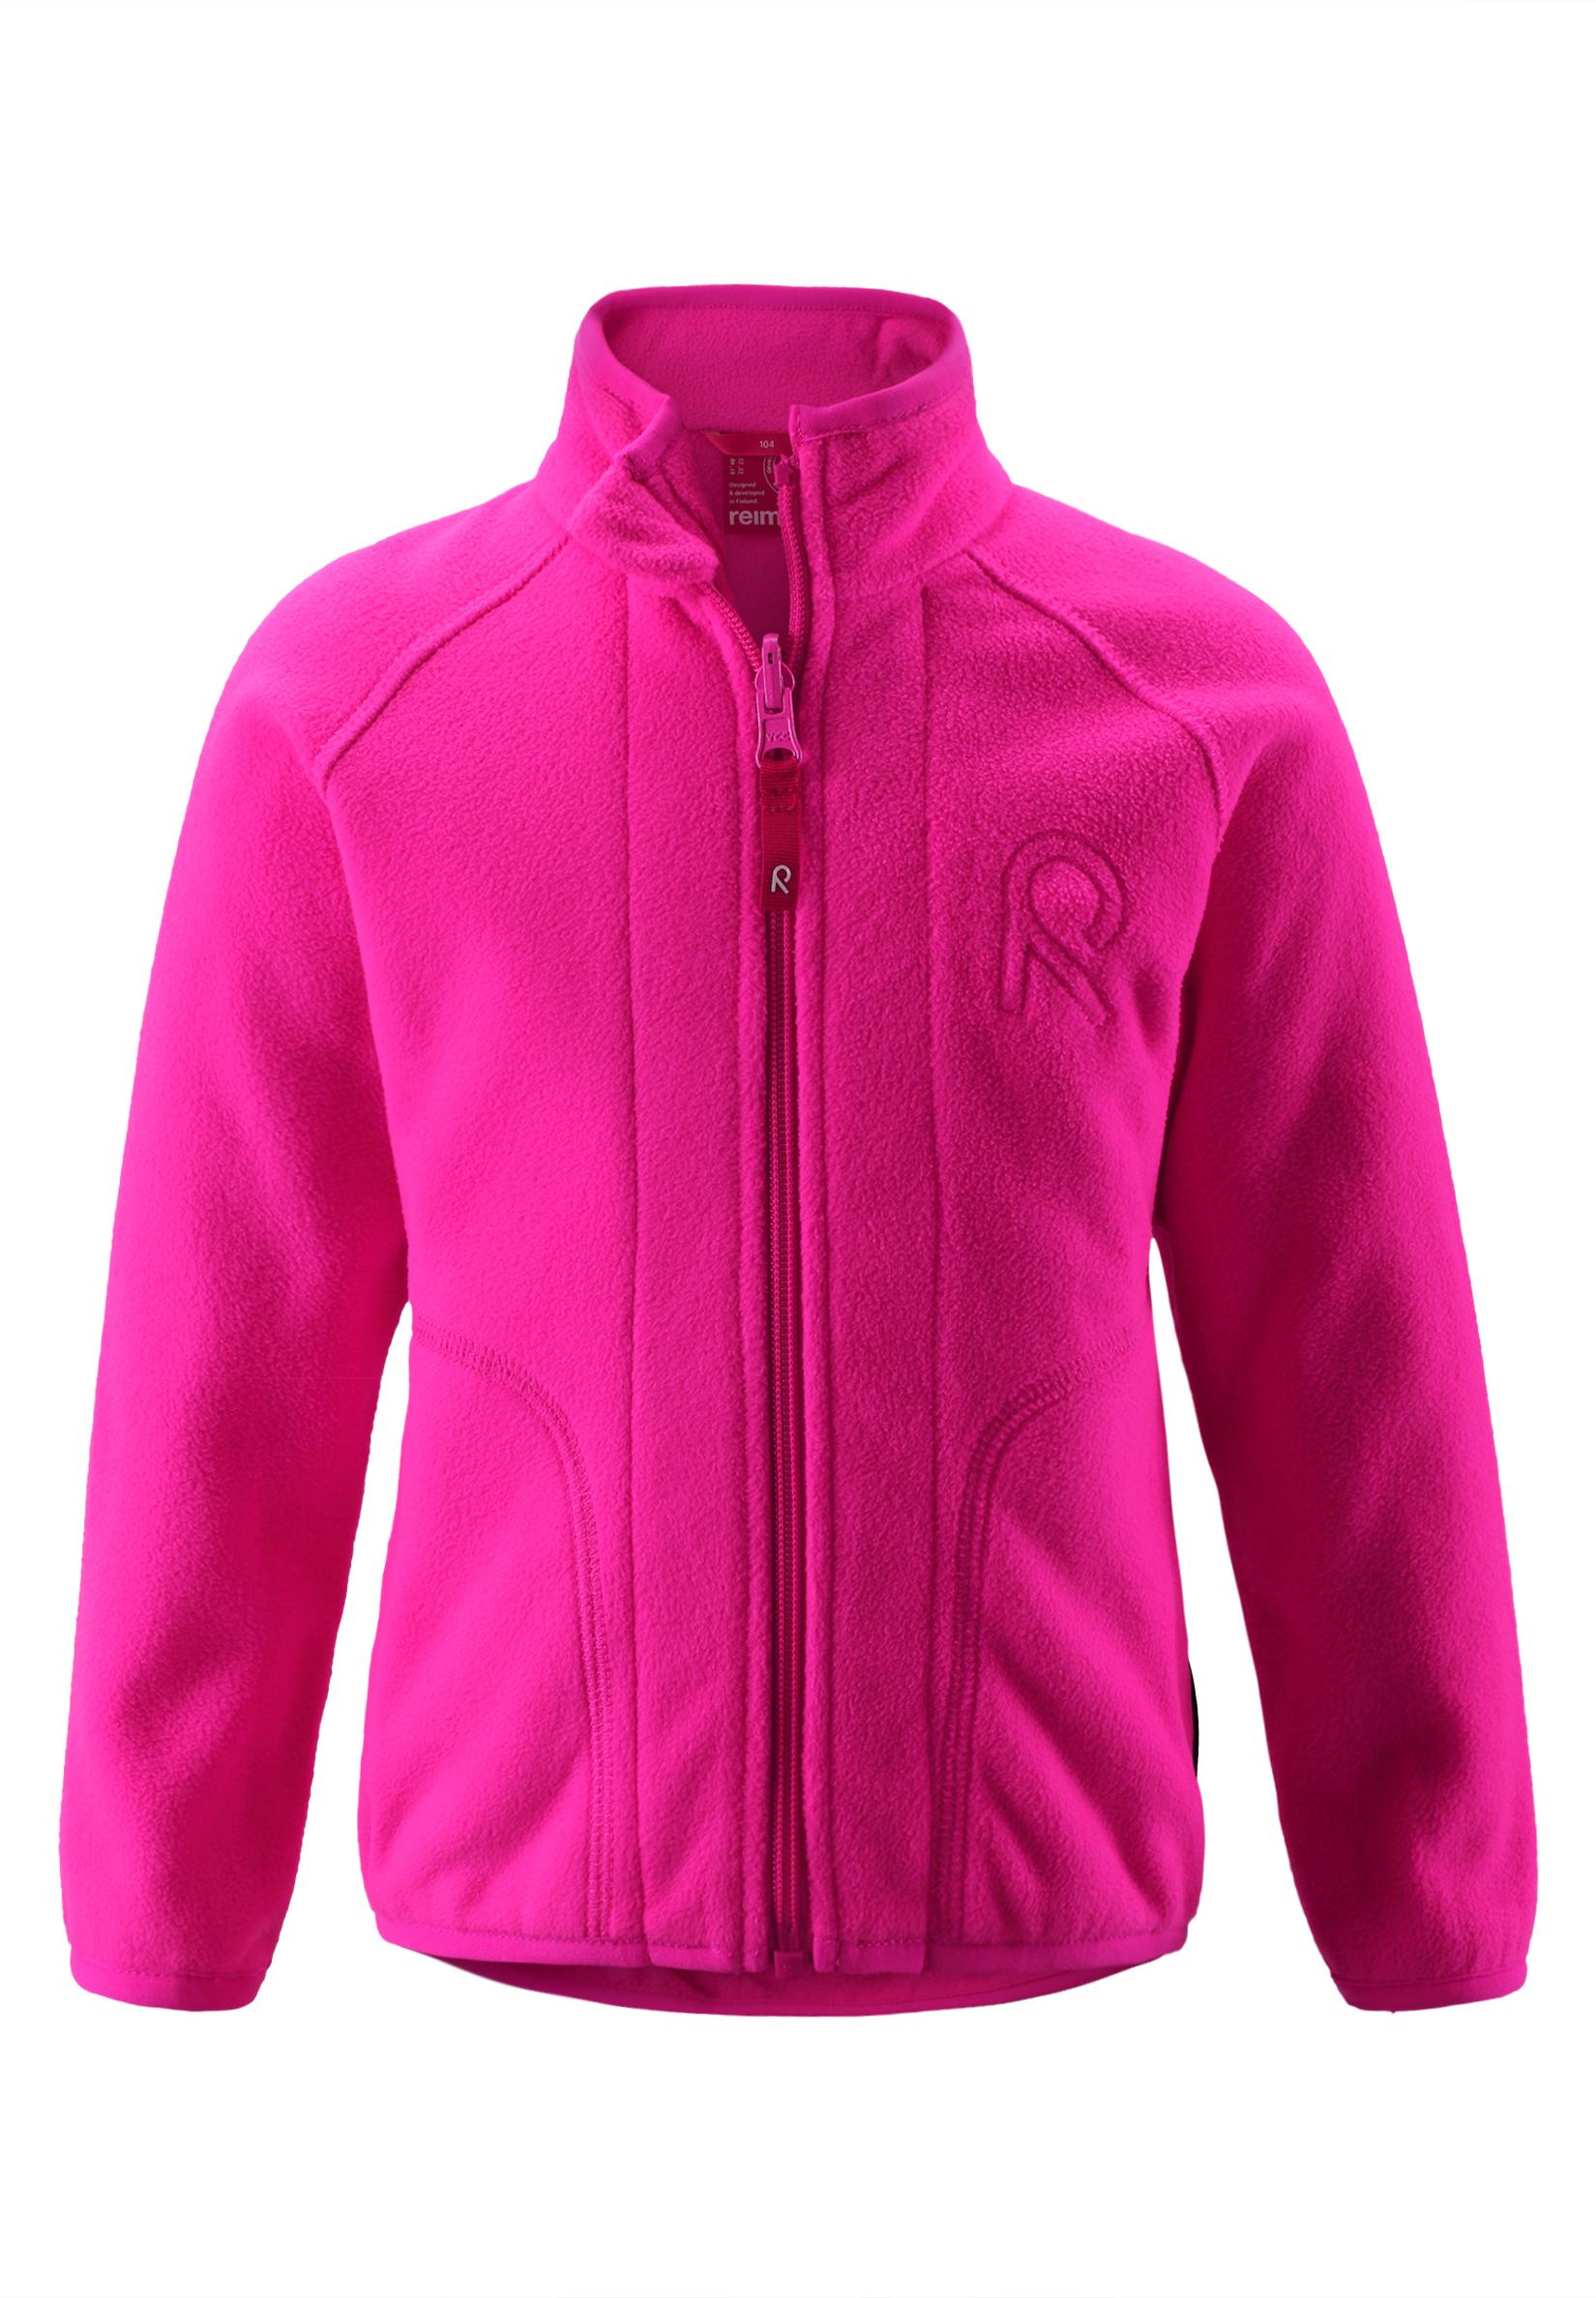 Флис горнолыжный Reima 2015-16 Inrun hot pink Детская одежда 1197356  - купить со скидкой